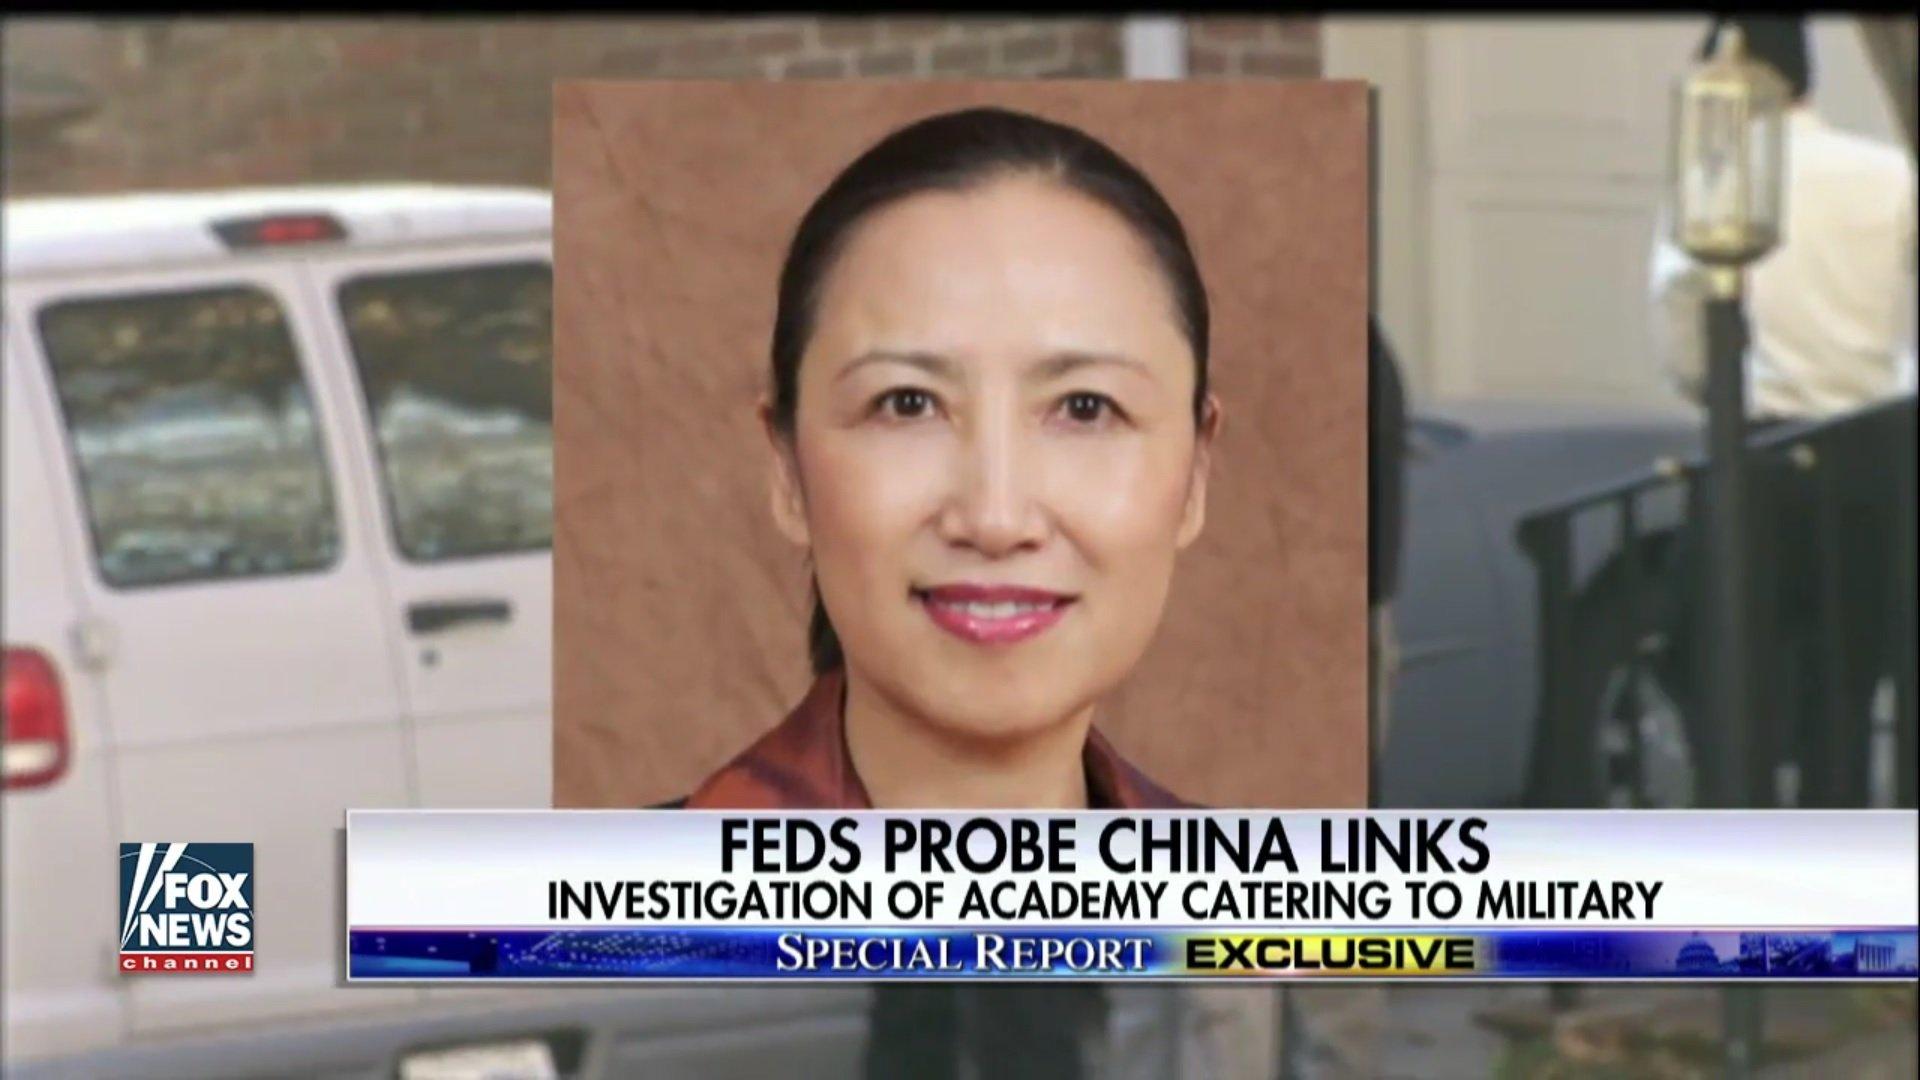 美國維珍尼亞州管理技術大學(UMT)創辦人陳燕平,遭美國FBI等多個部門調查她和中共軍方的關係,以及是否洩露UMT學生信息或美國軍情給中共。(FOX新聞視像擷圖)